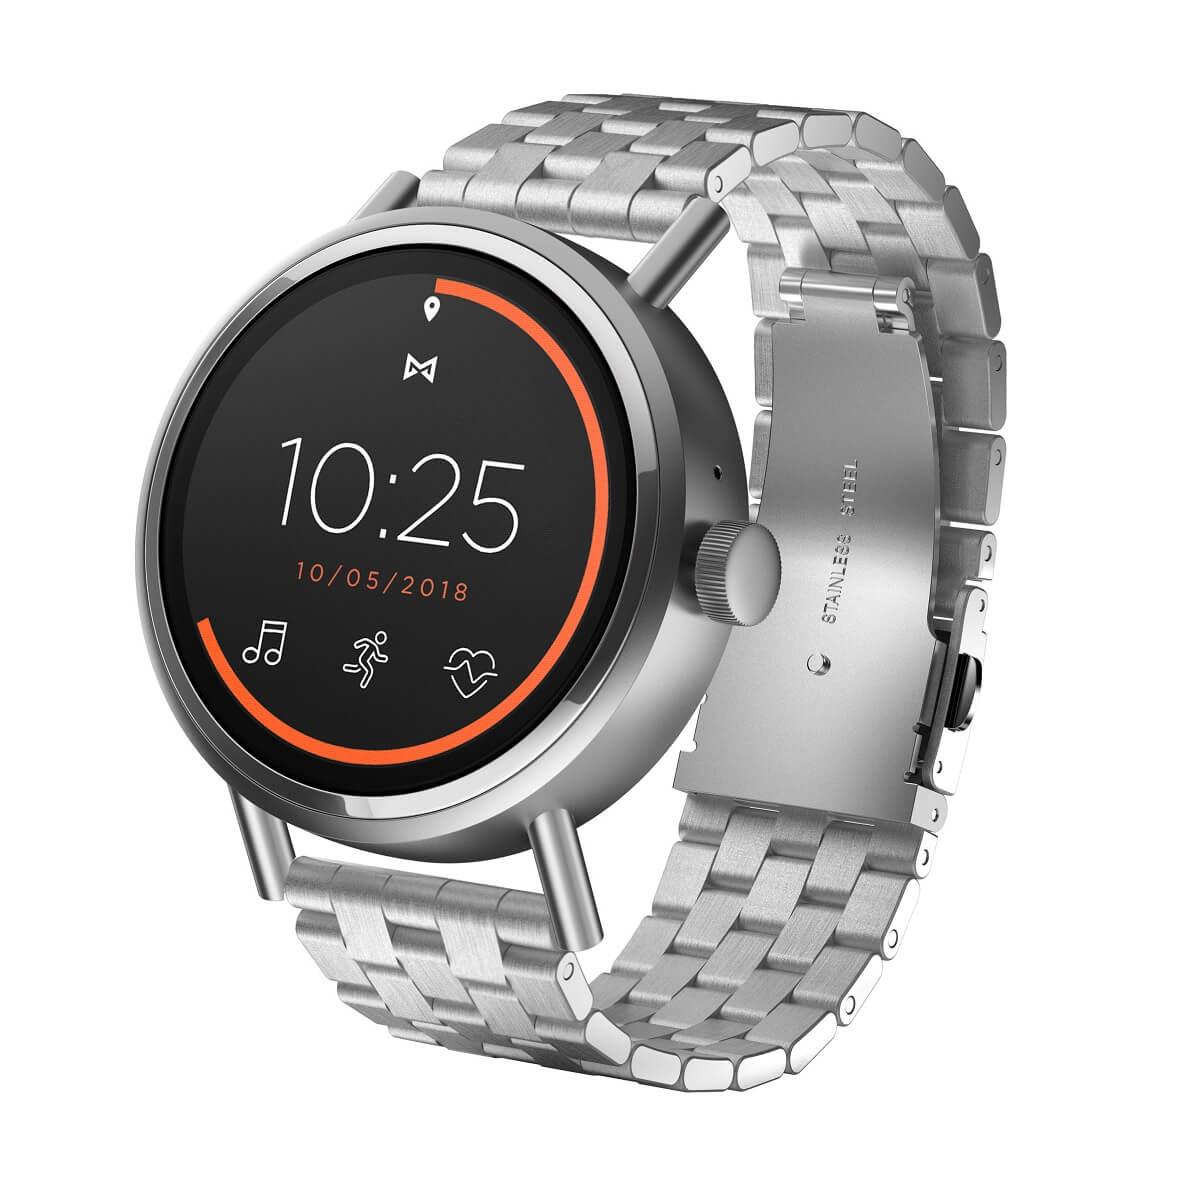 Best Buy: Smartwatch - Misfit Vapor 2